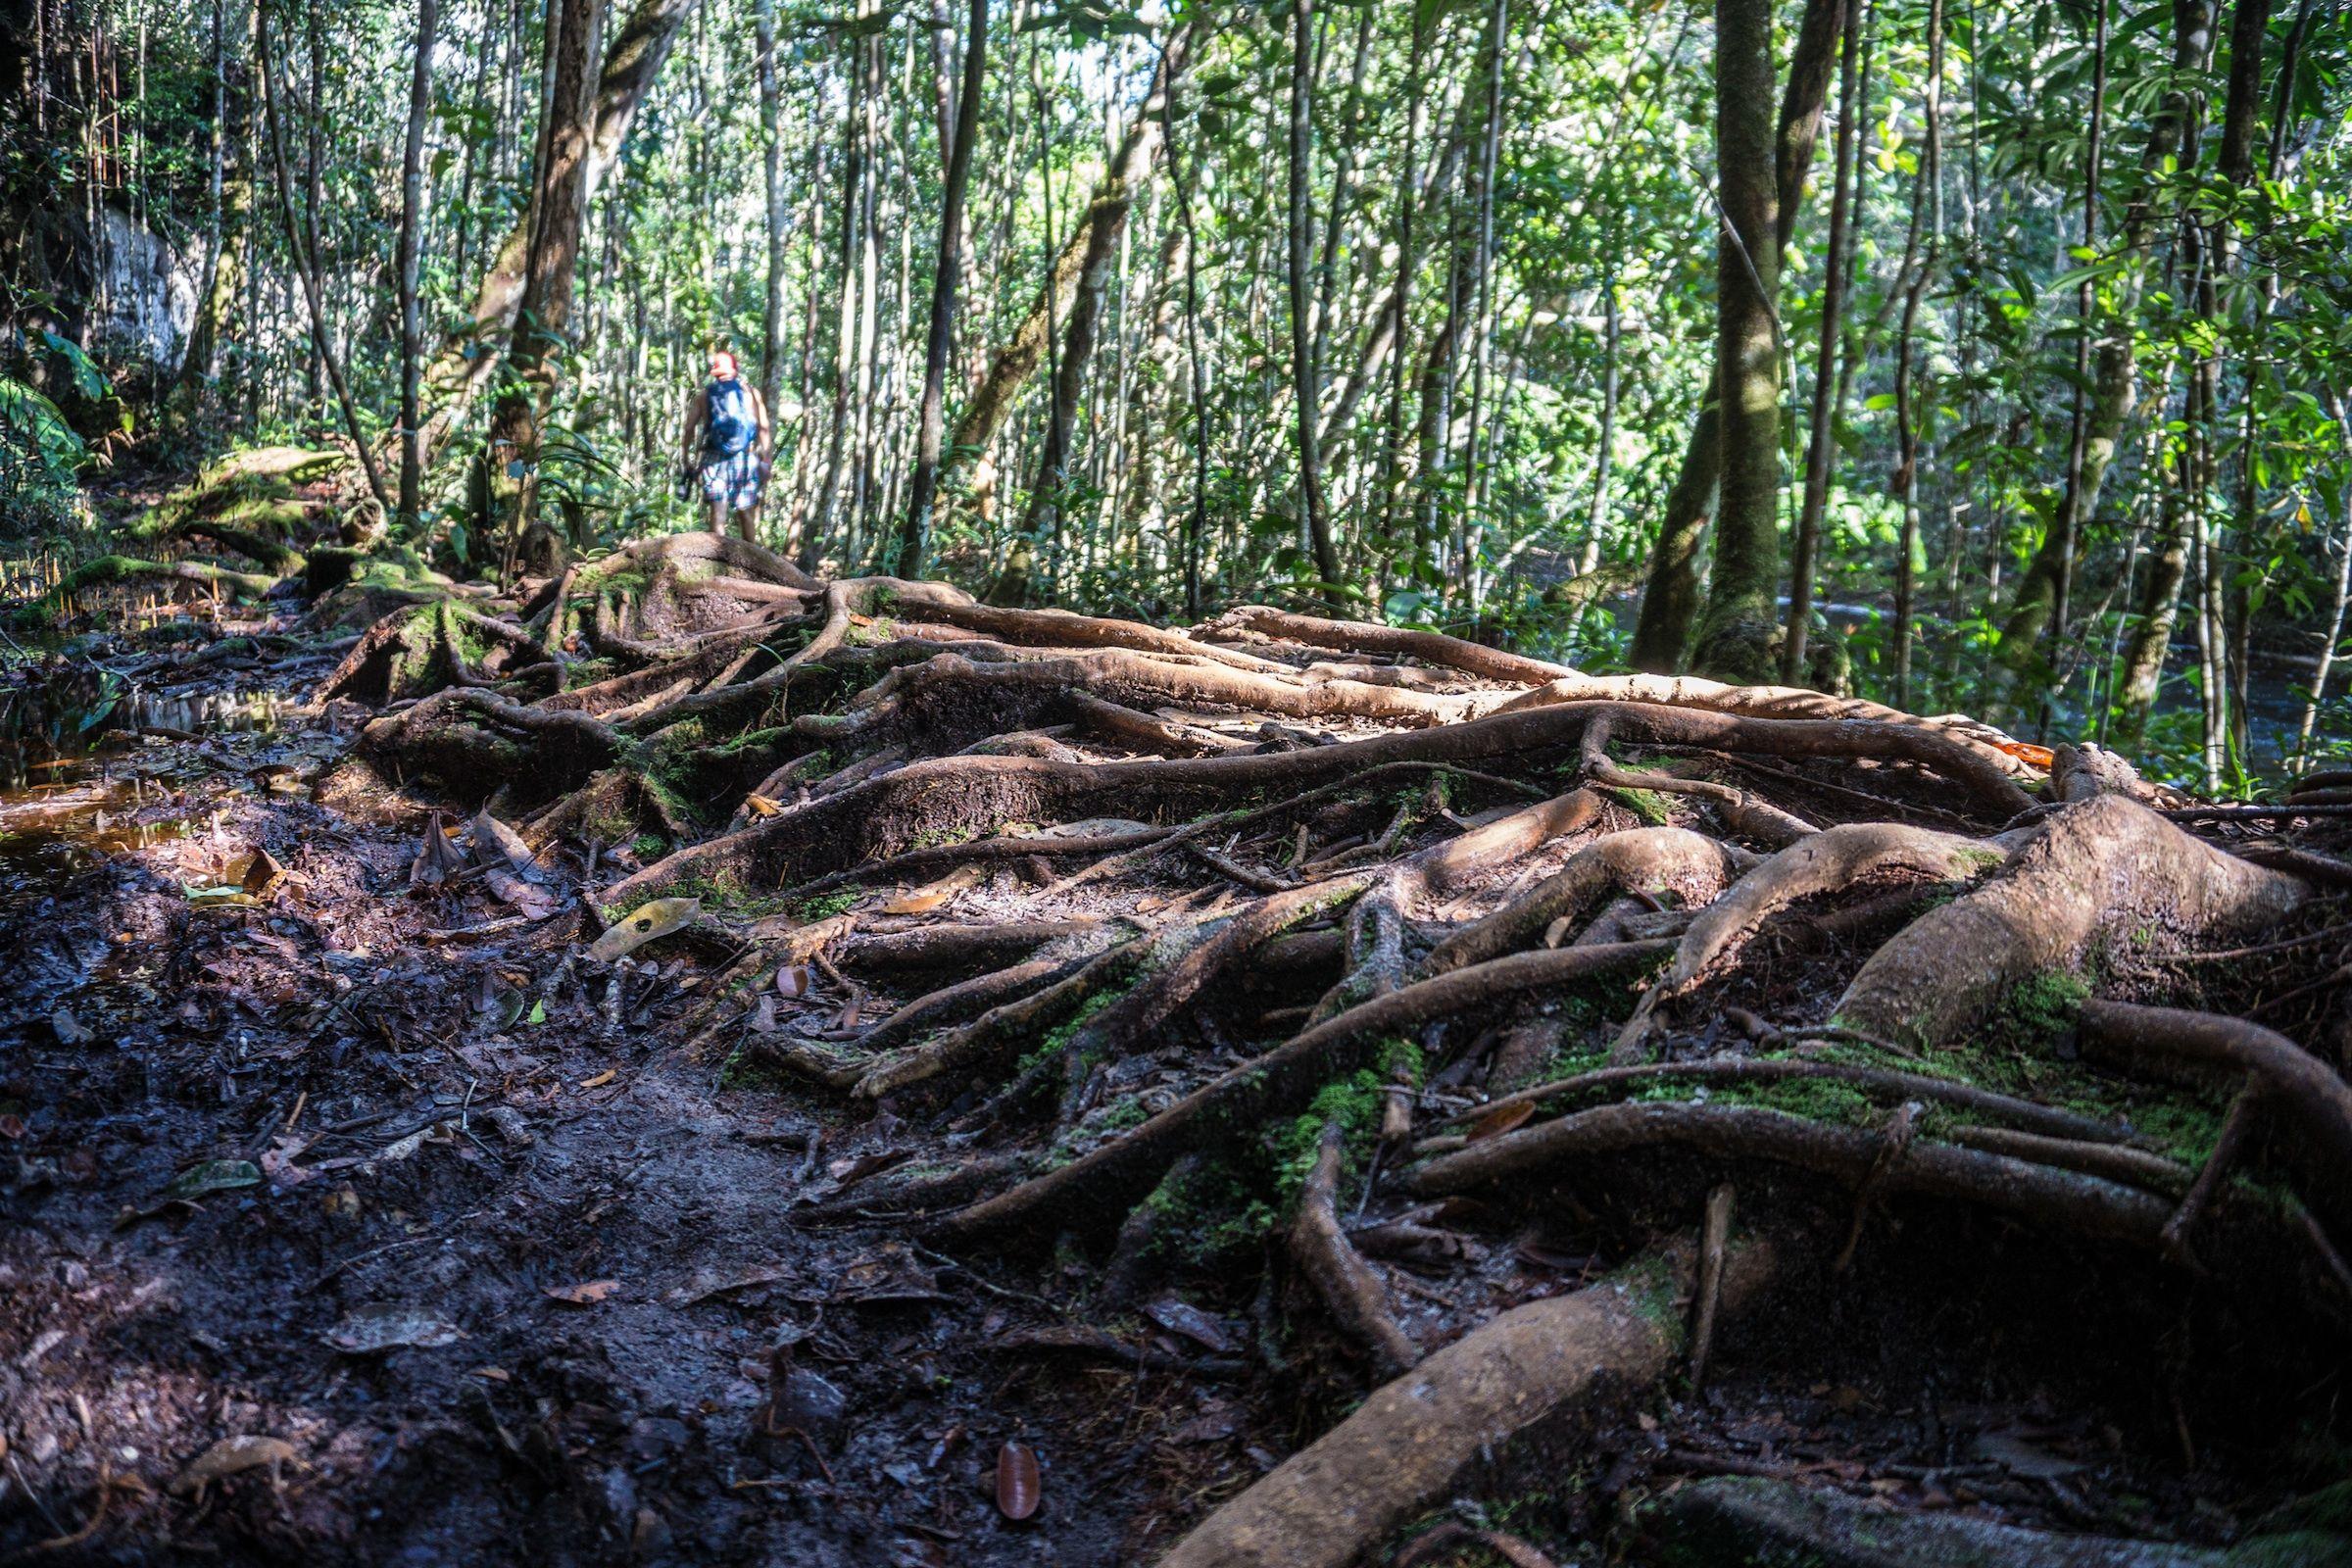 Quanto ainda existe de vegetação nativa no Bioma Amazônia?